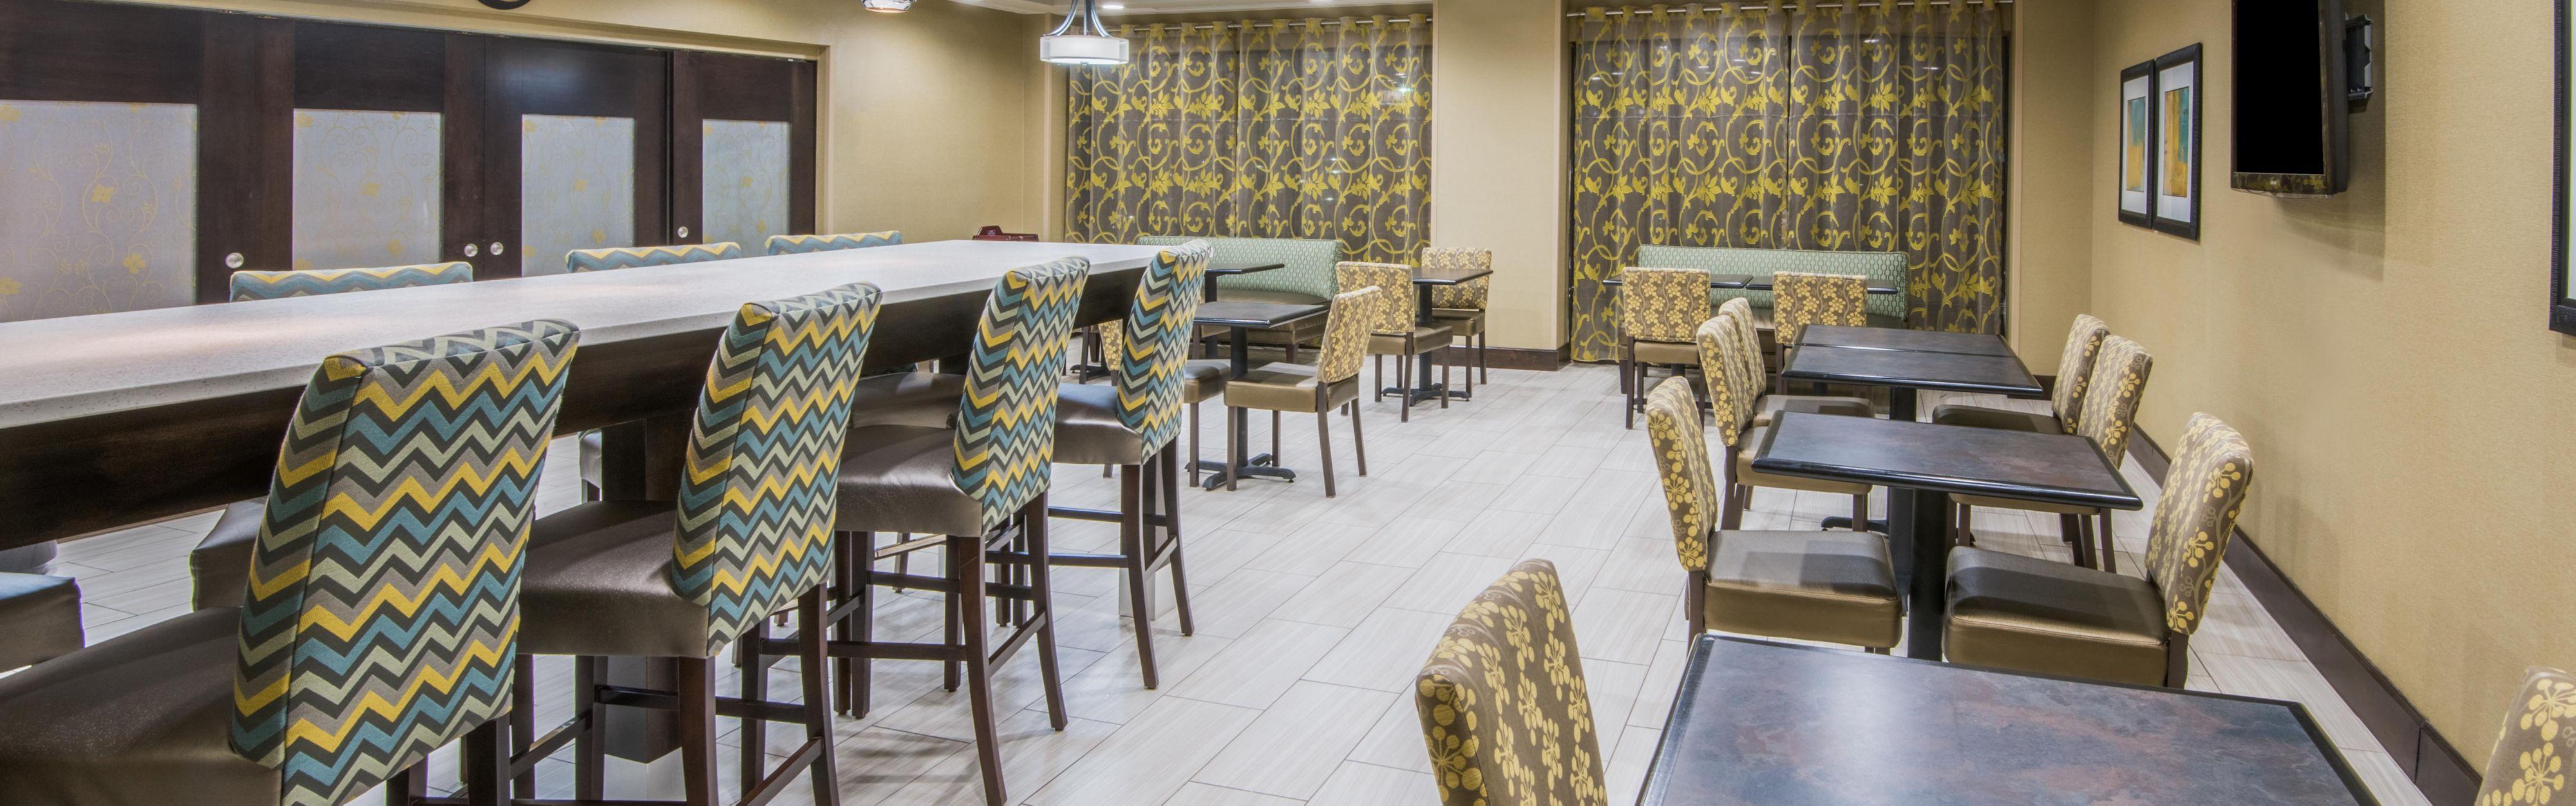 Holiday Inn Express & Suites Ashland image 3